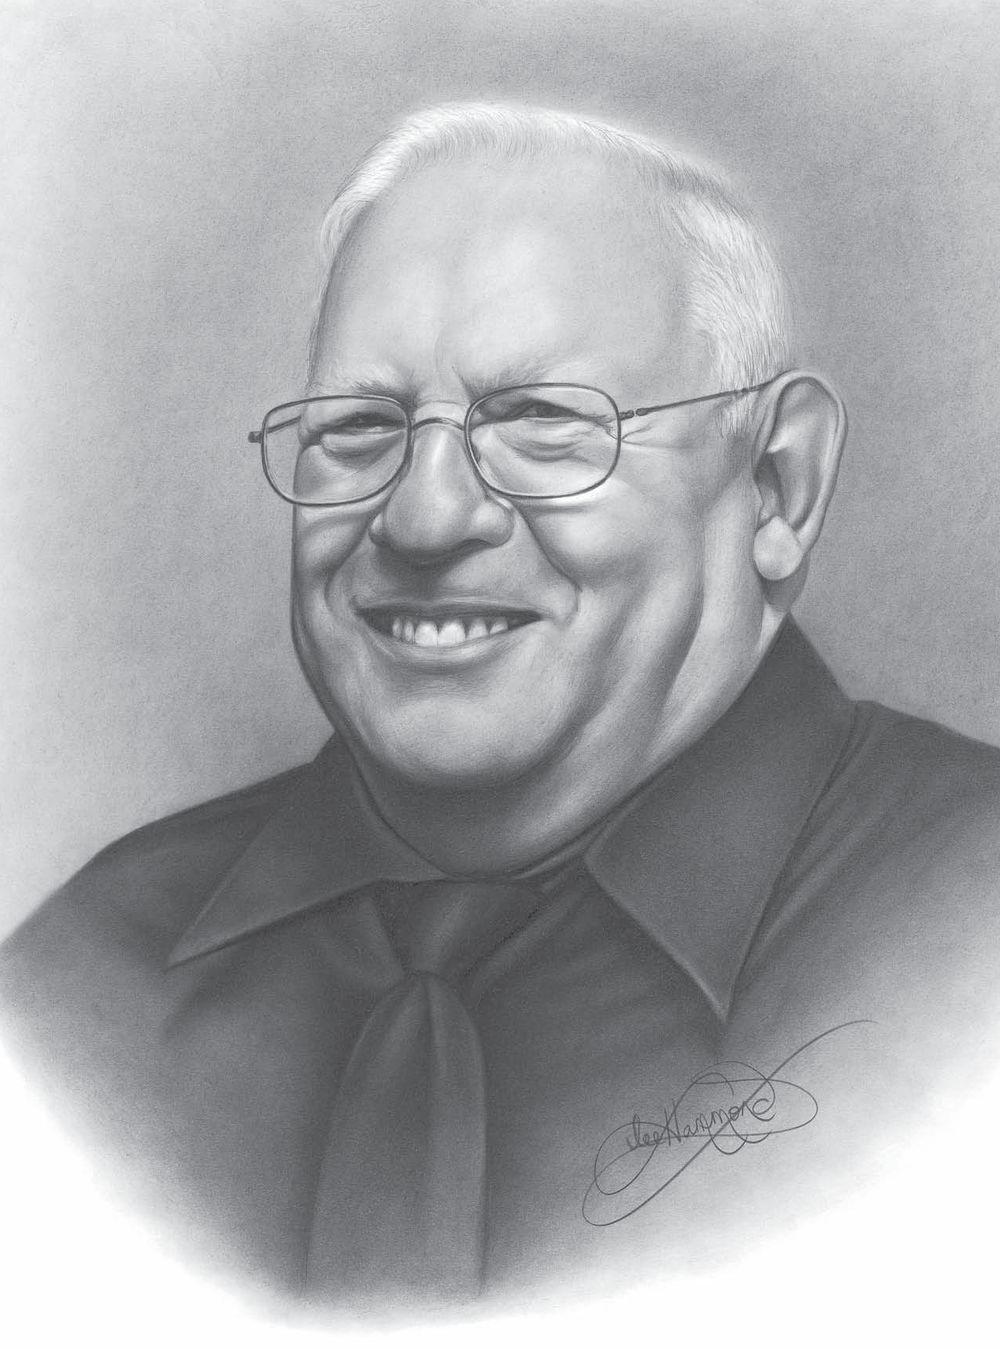 Ли хэммонд портрет с фотографии